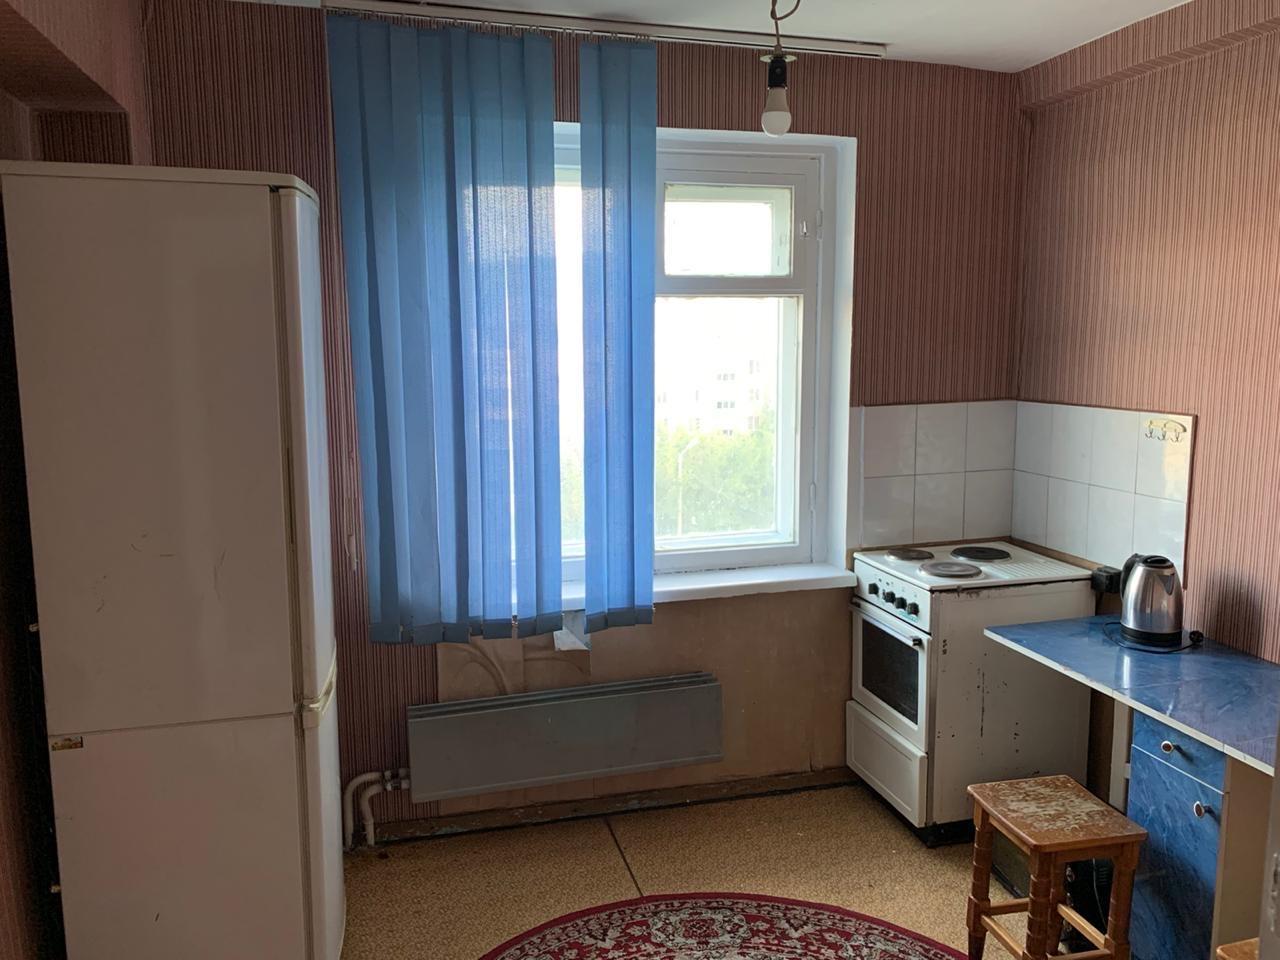 1к квартира улица Кутузова, 76 | 11500 | аренда в Красноярске фото 2